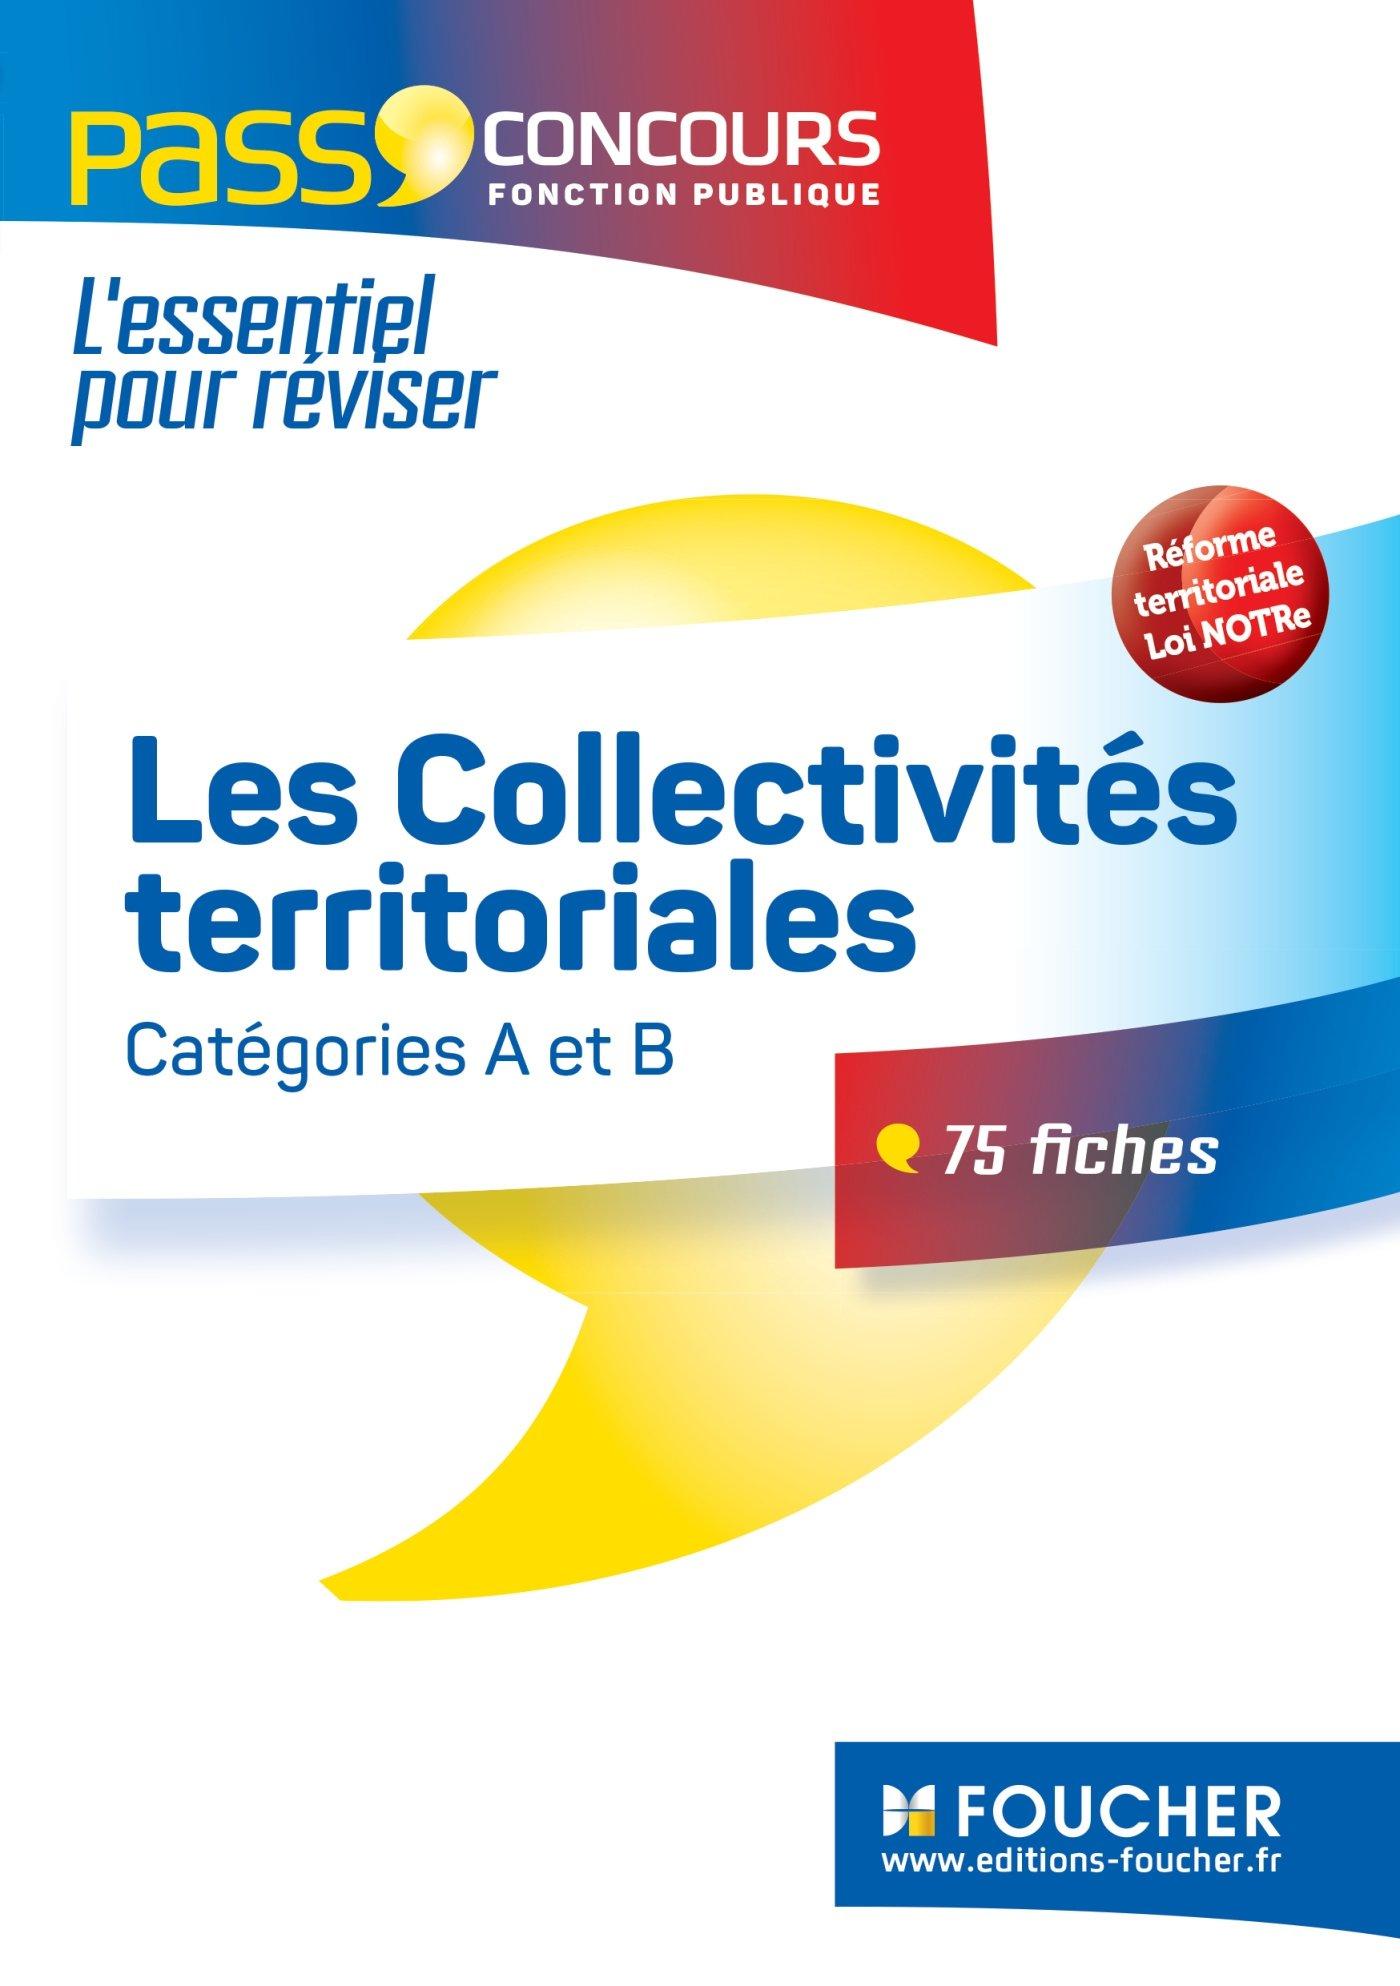 4a8ea8dc88d Amazon.fr - Pass Concours - Les Collectivités territoriales 4e édition -  Bernard Poujade